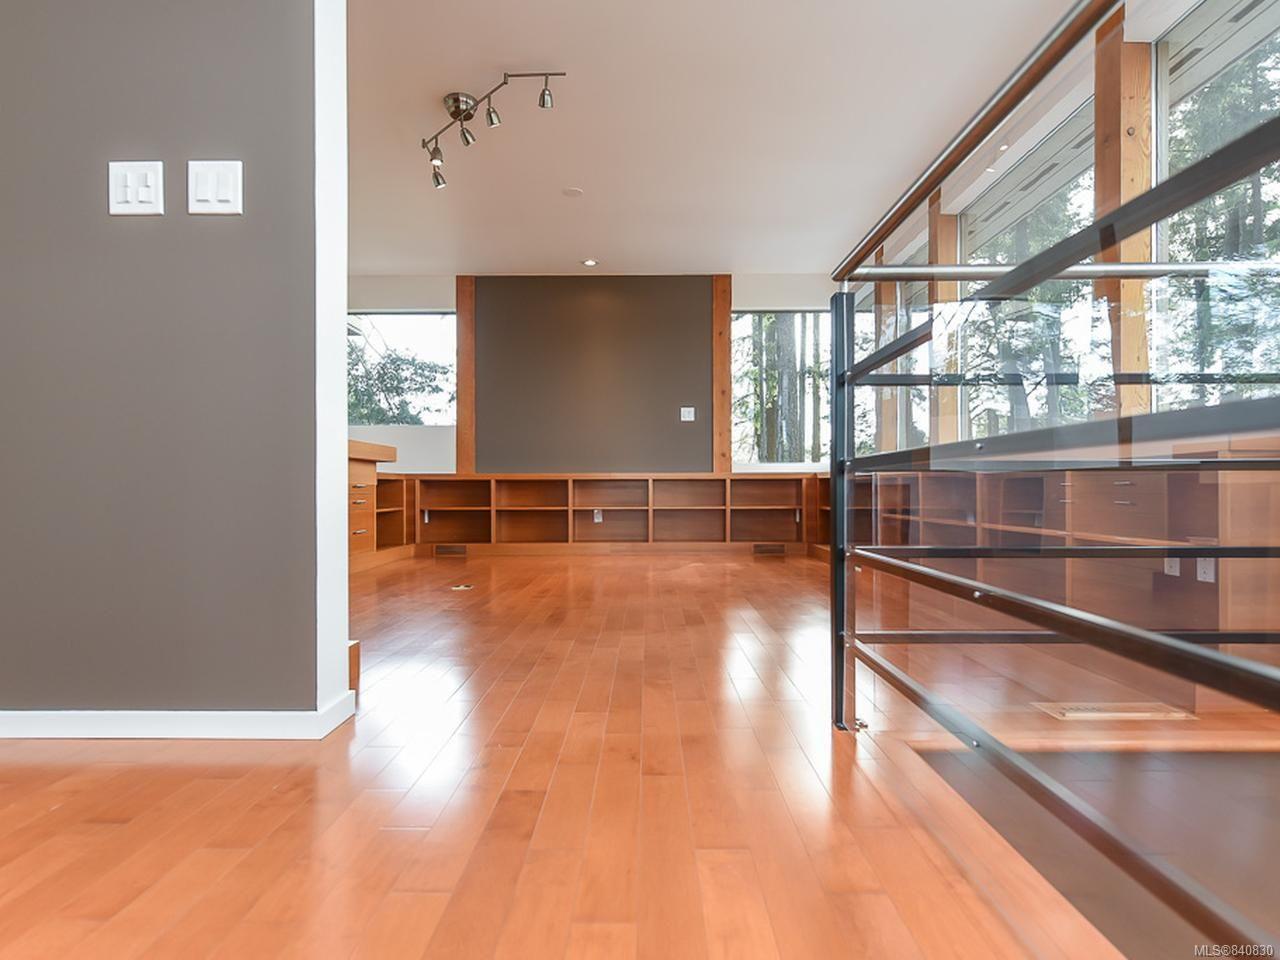 Photo 36: Photos: 1156 Moore Rd in COMOX: CV Comox Peninsula House for sale (Comox Valley)  : MLS®# 840830